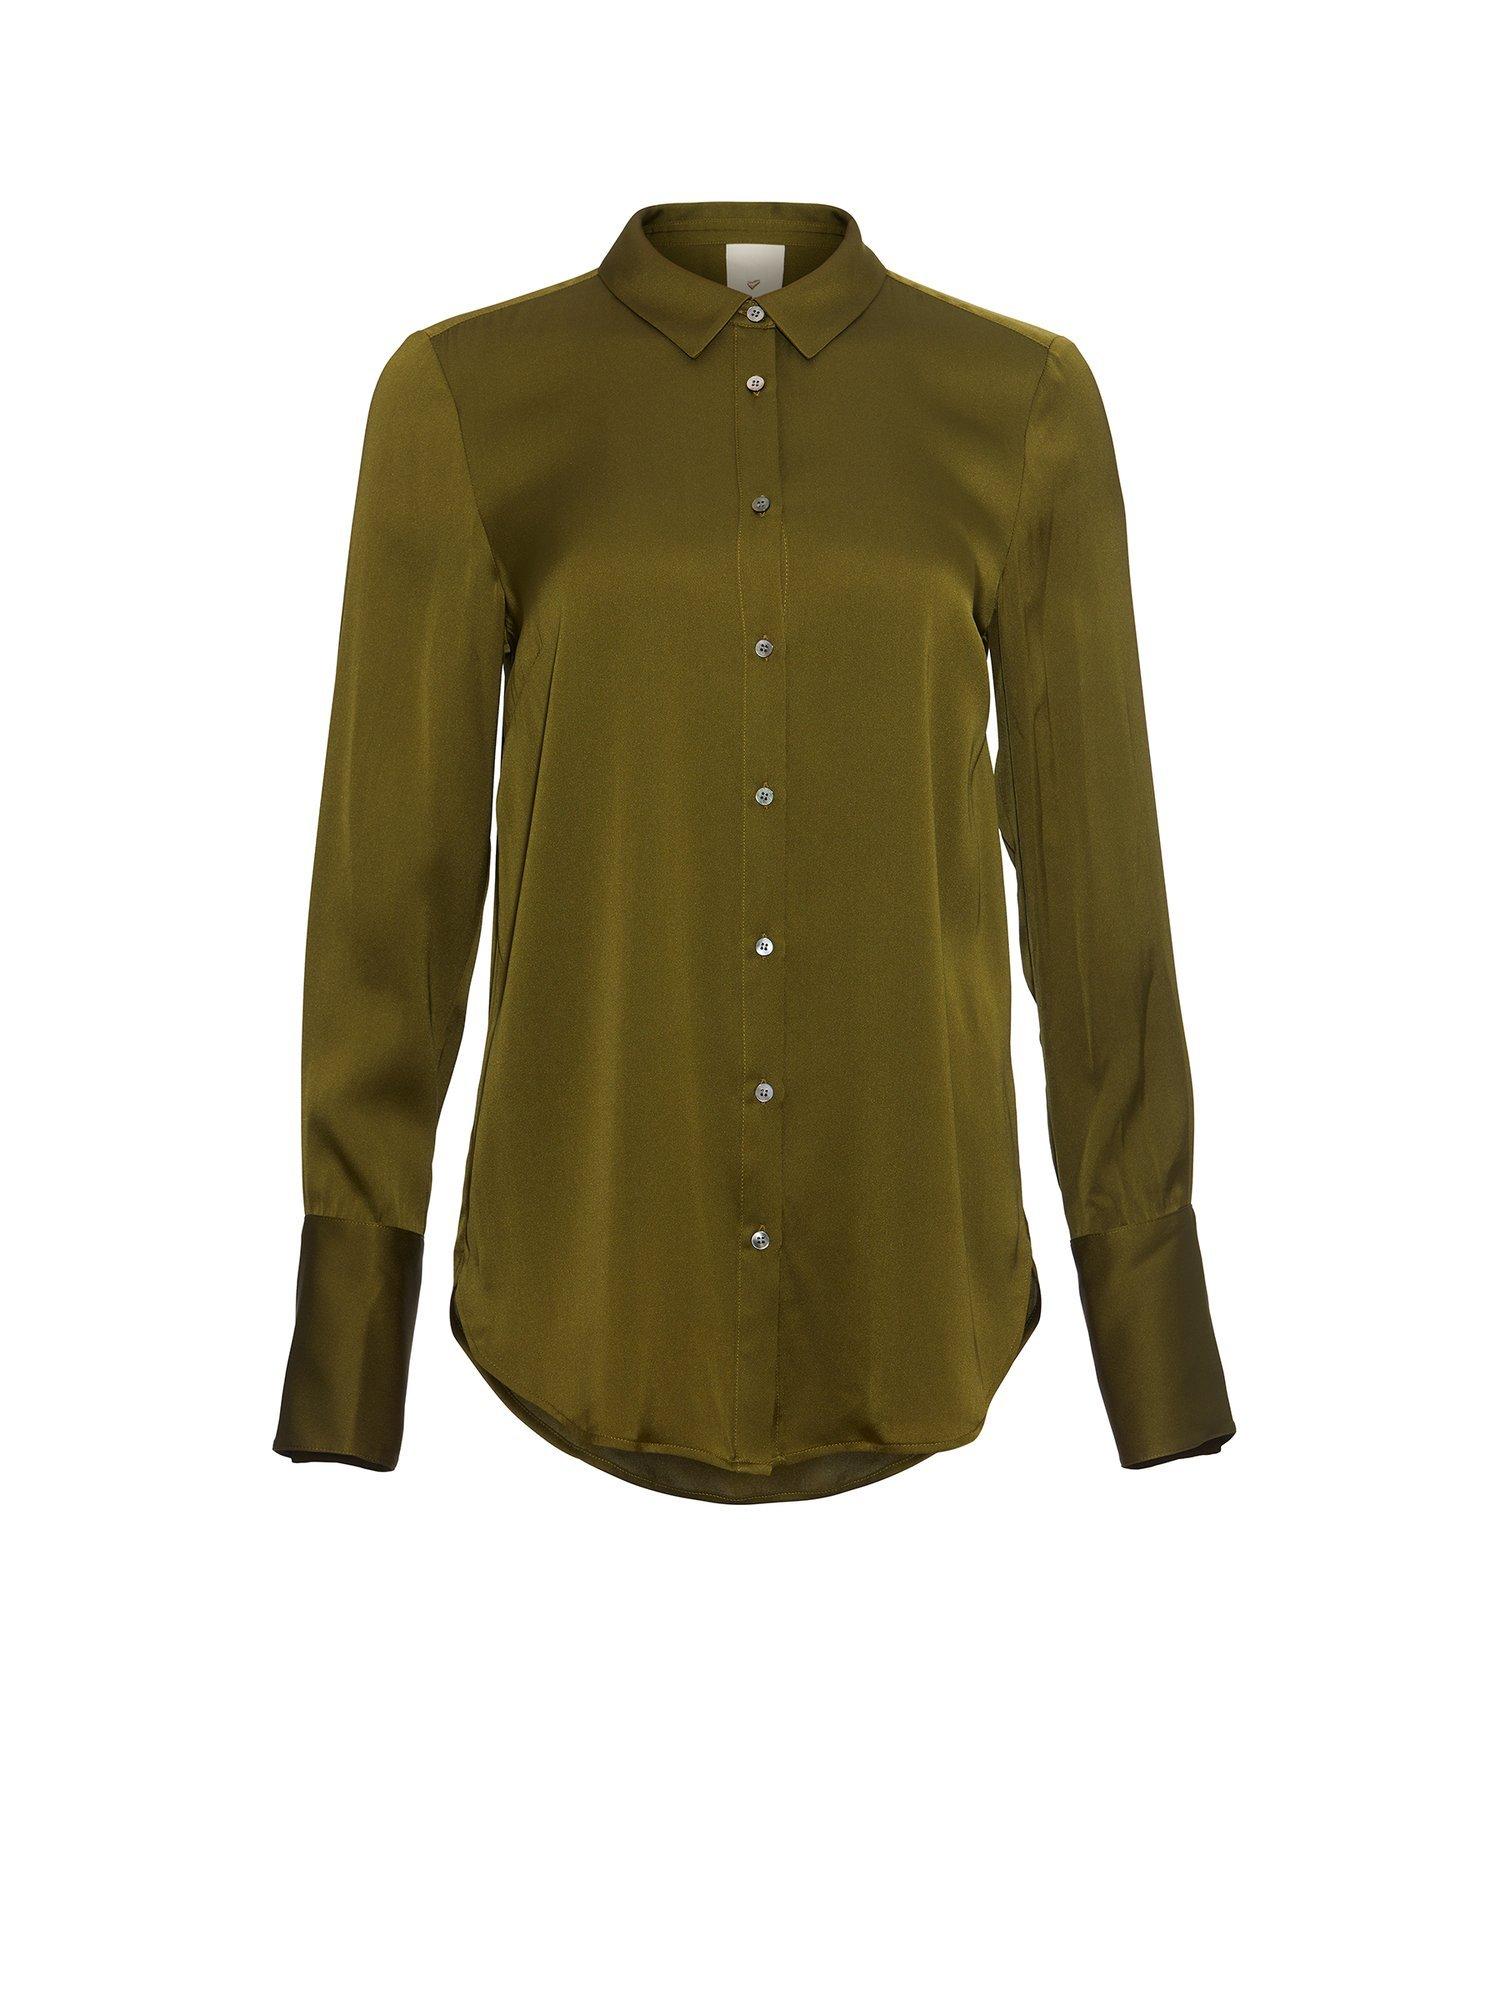 Heartmade/Julie Fagerholt Miri Shirt Army Green 554